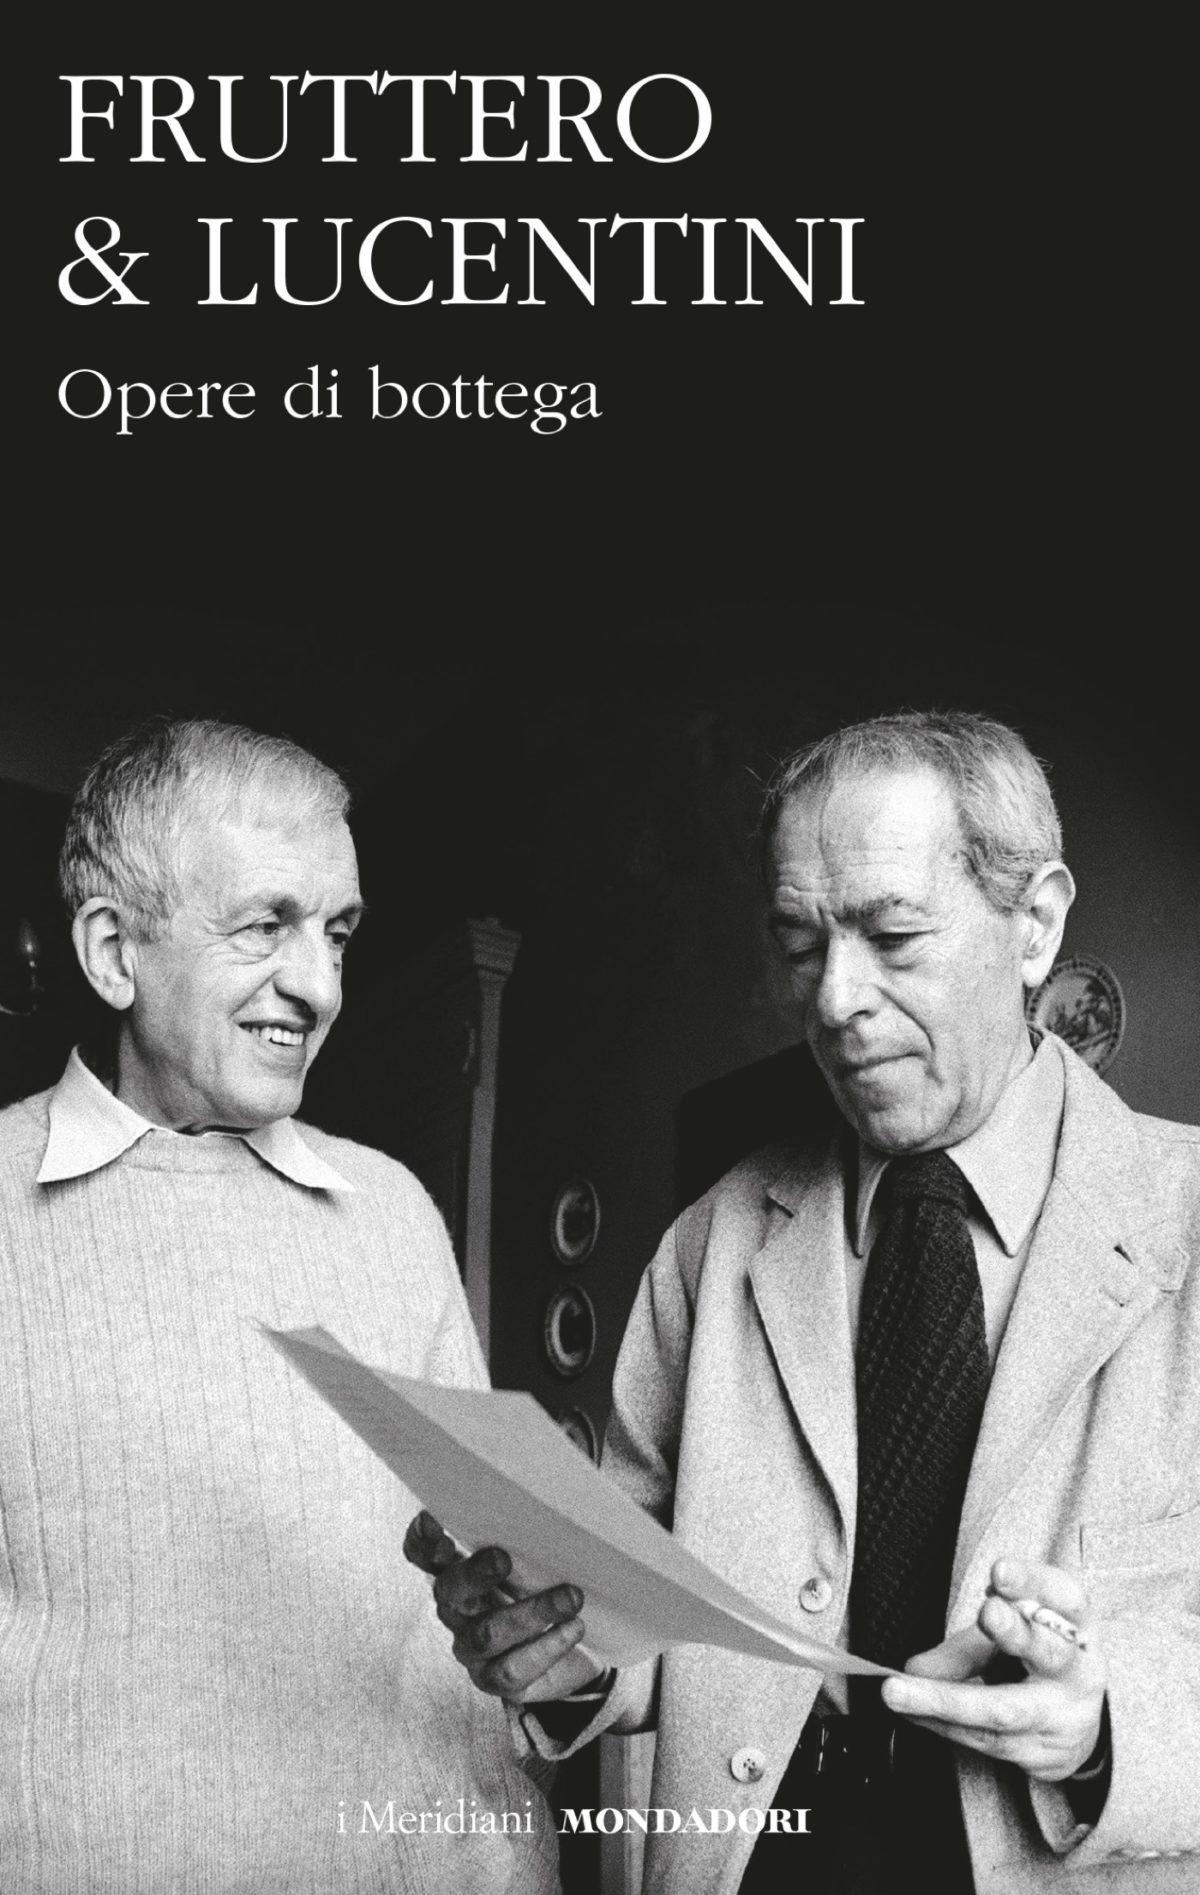 """Su """"Opere di bottega"""" di Fruttero e Lucentini"""